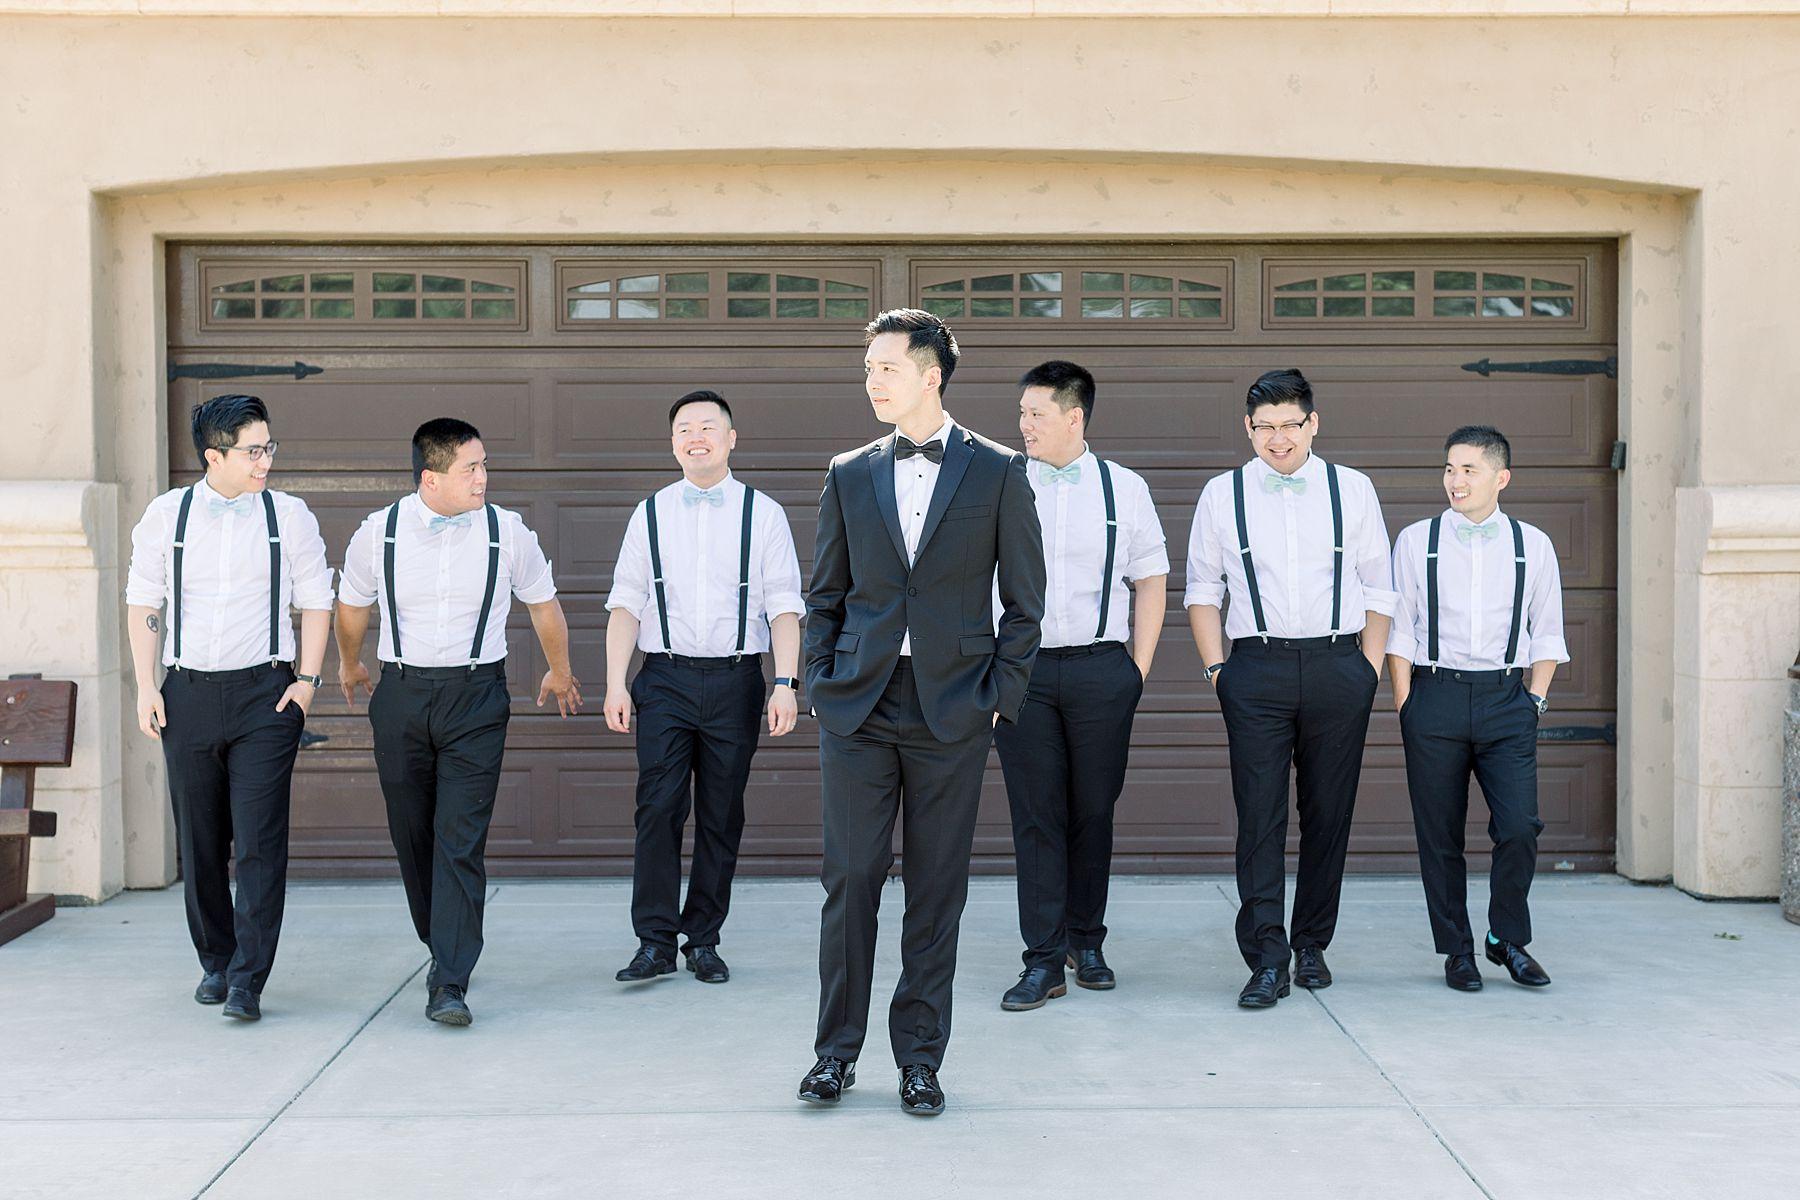 Newberry Estate Vineyards Wedding - Ashley Baumgartner - Jasmine and Johhny - Bay Area Wedding Photographer - Sacramento Wedding Photographer_0014.jpg